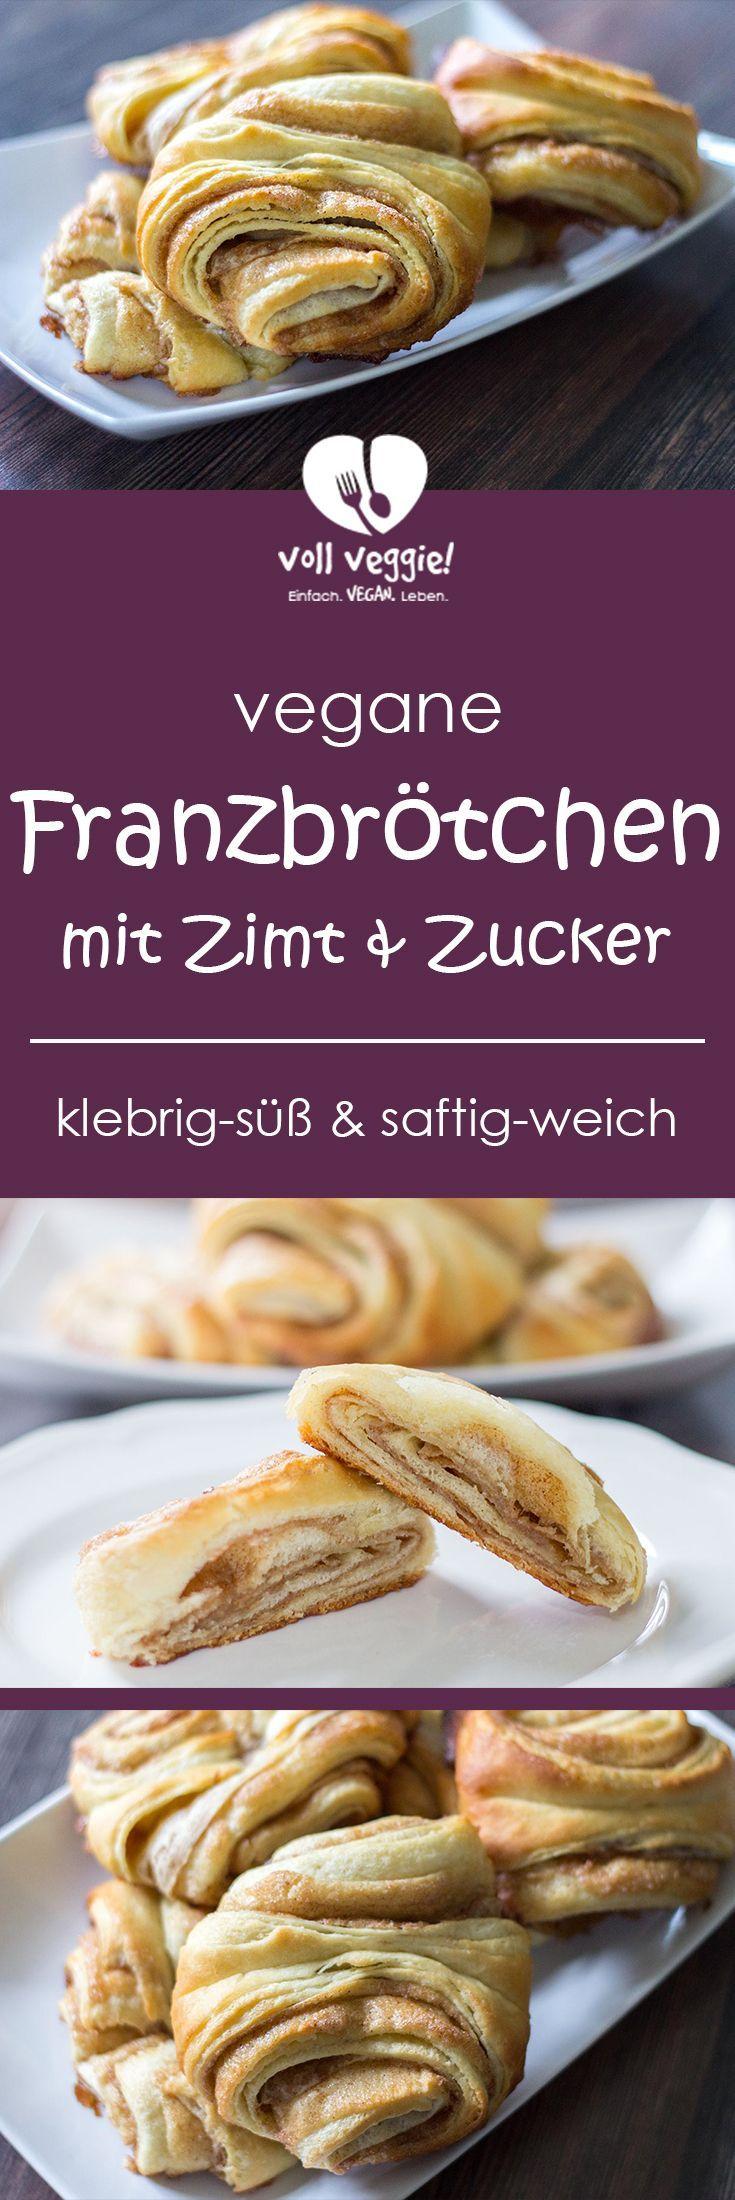 Vegane Franzbrötchen